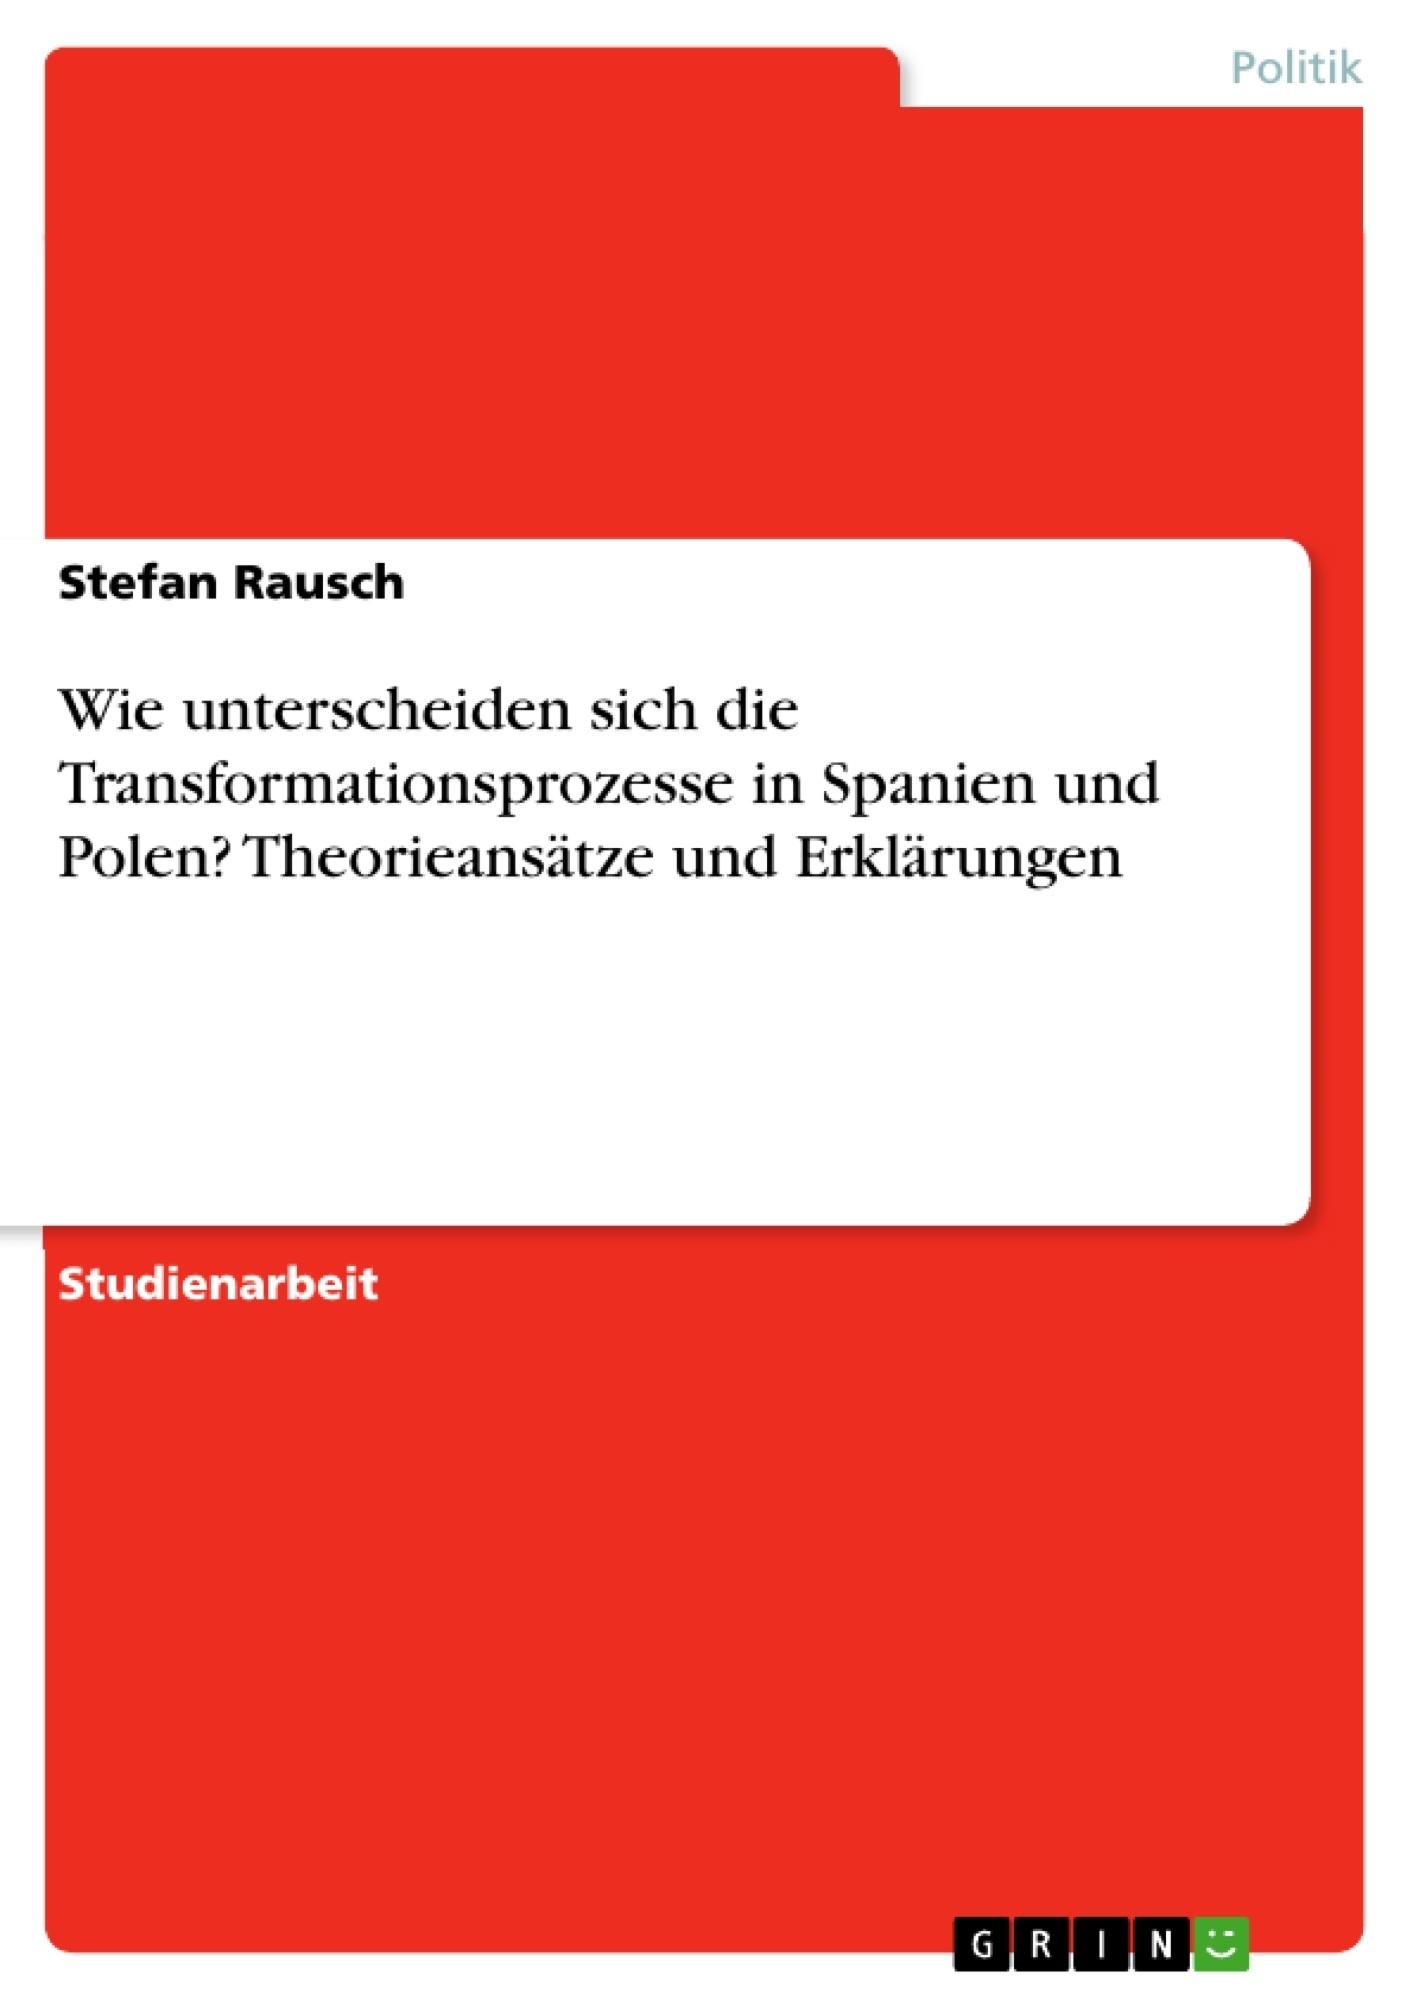 Titel: Wie unterscheiden sich die Transformationsprozesse in Spanien und Polen? Theorieansätze und Erklärungen